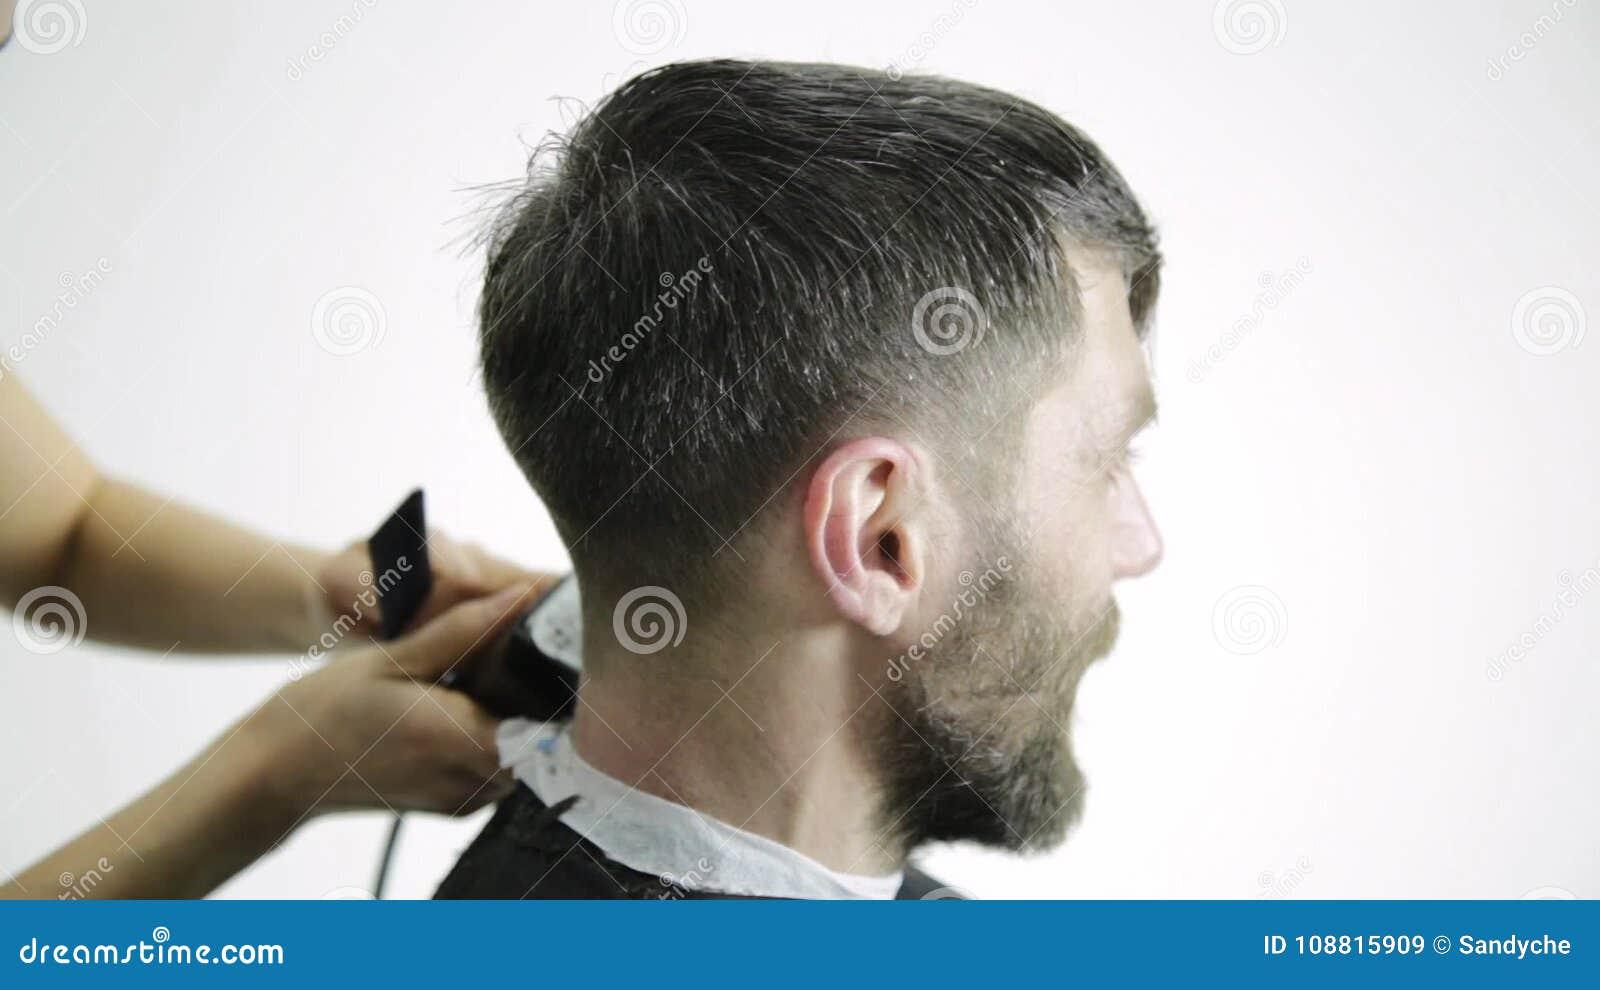 Corte de pelo para hombres tijera